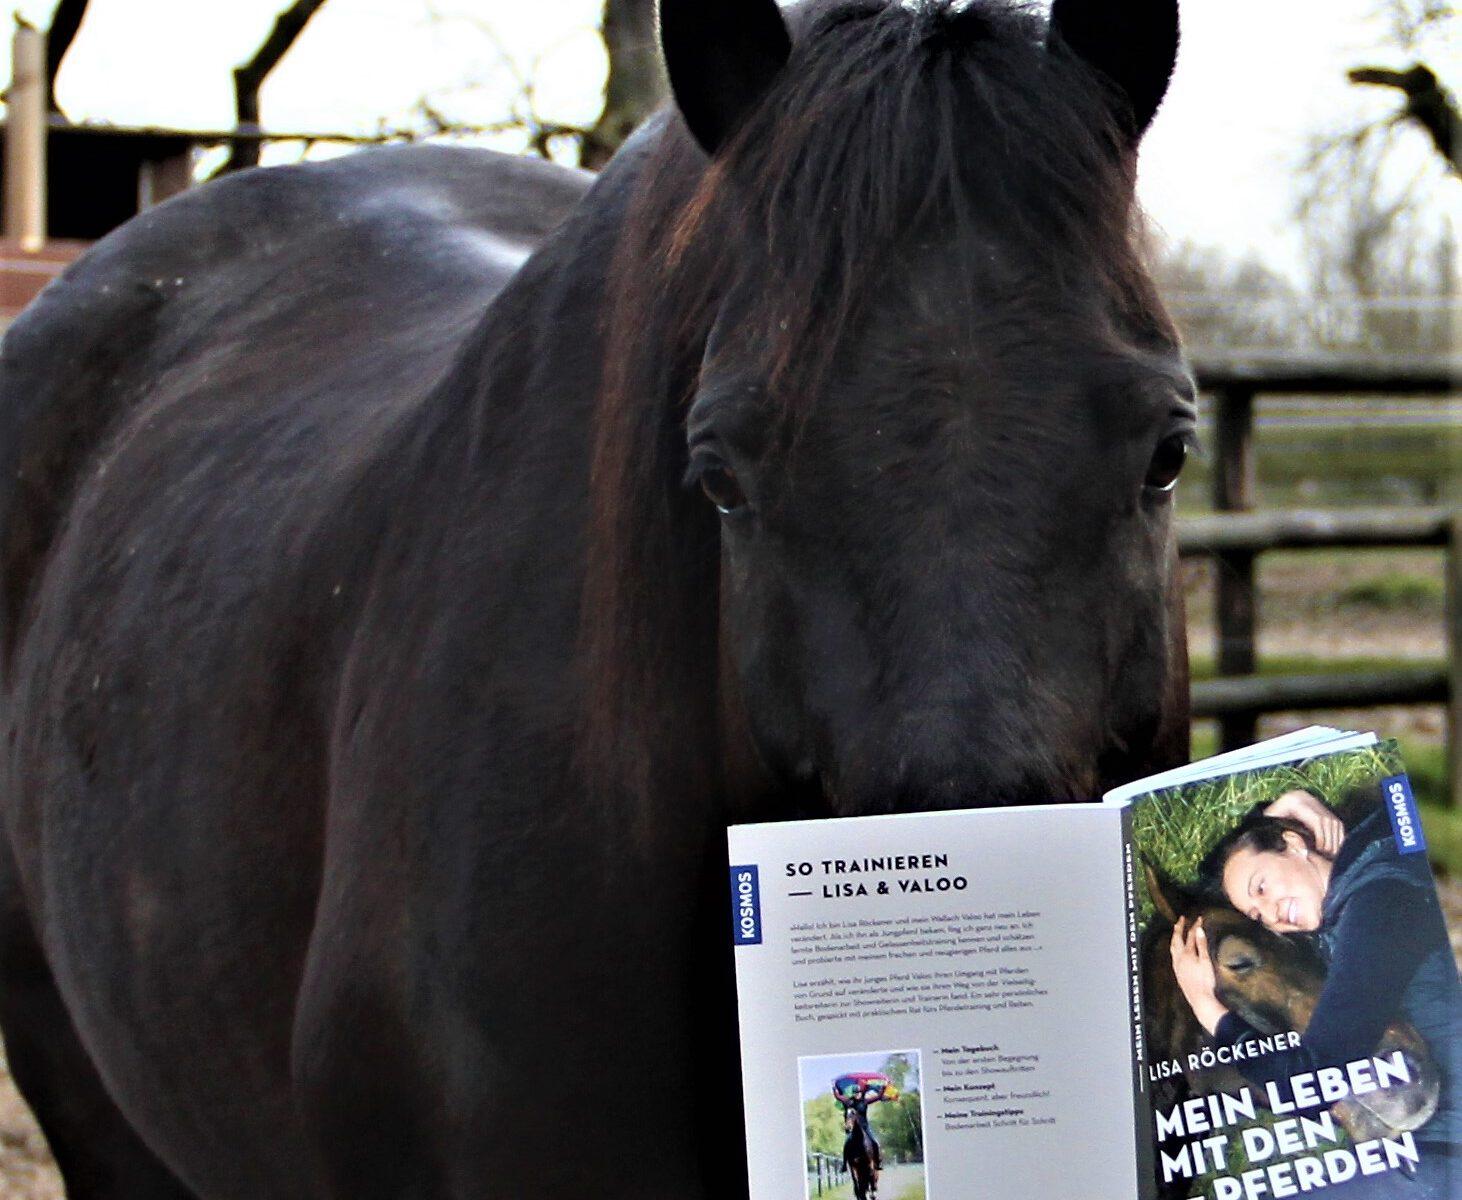 Für euch getestet: Mein Leben mit den Pferden